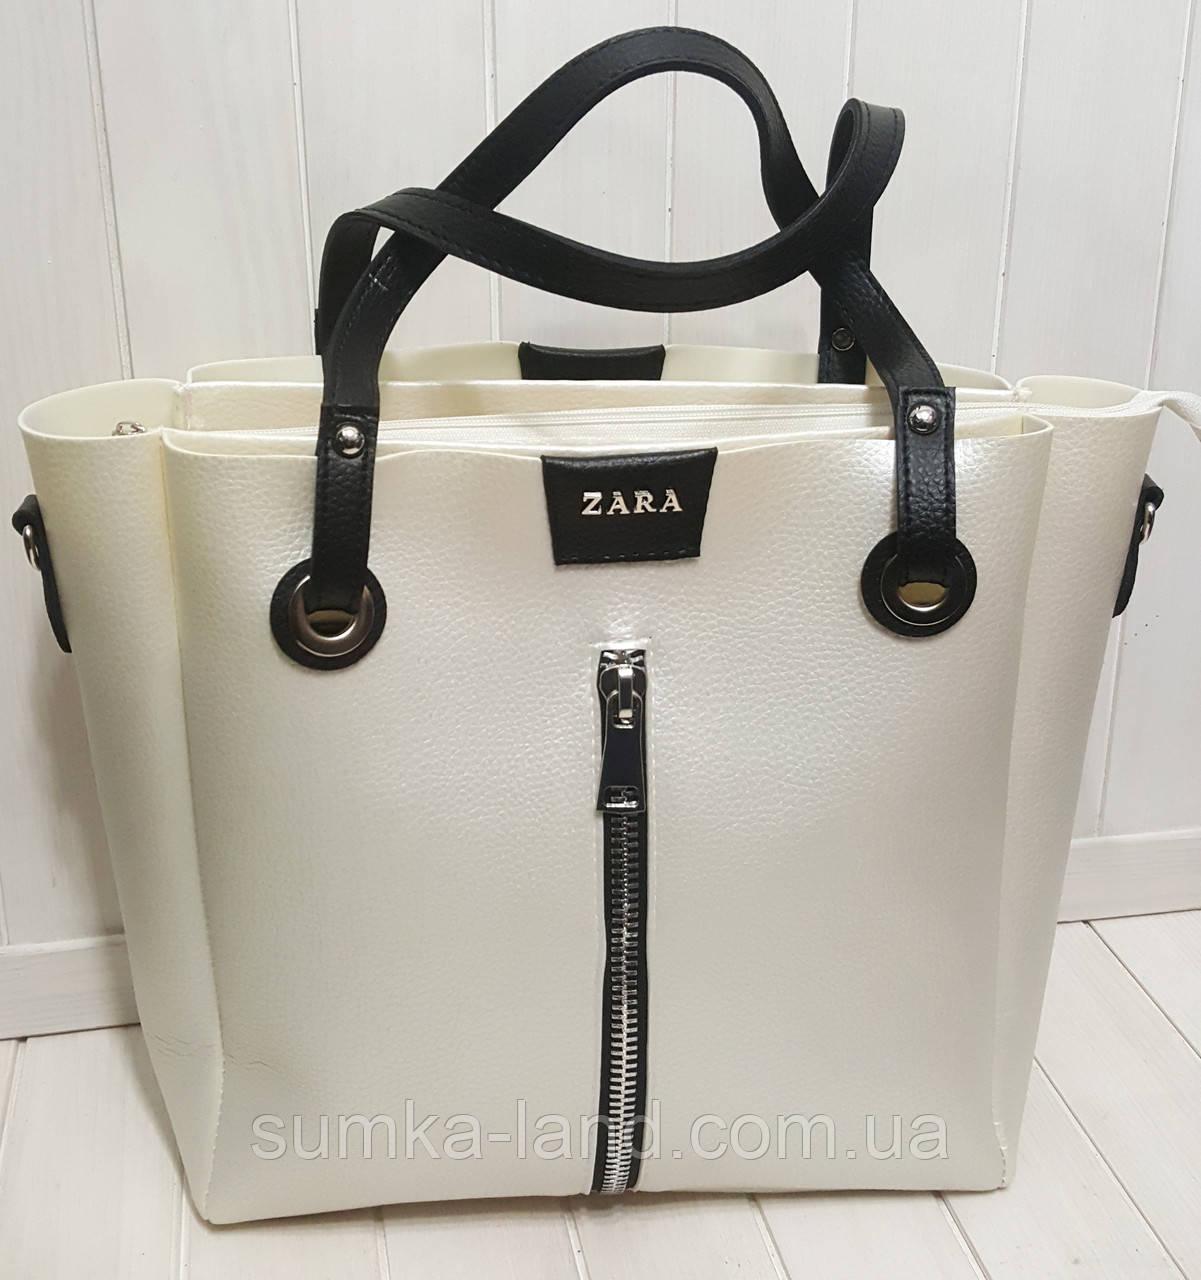 9cbb2675fac1 Женская перламутровая сумка Zara из эко-кожи 31*30 см, цена 427 грн ...